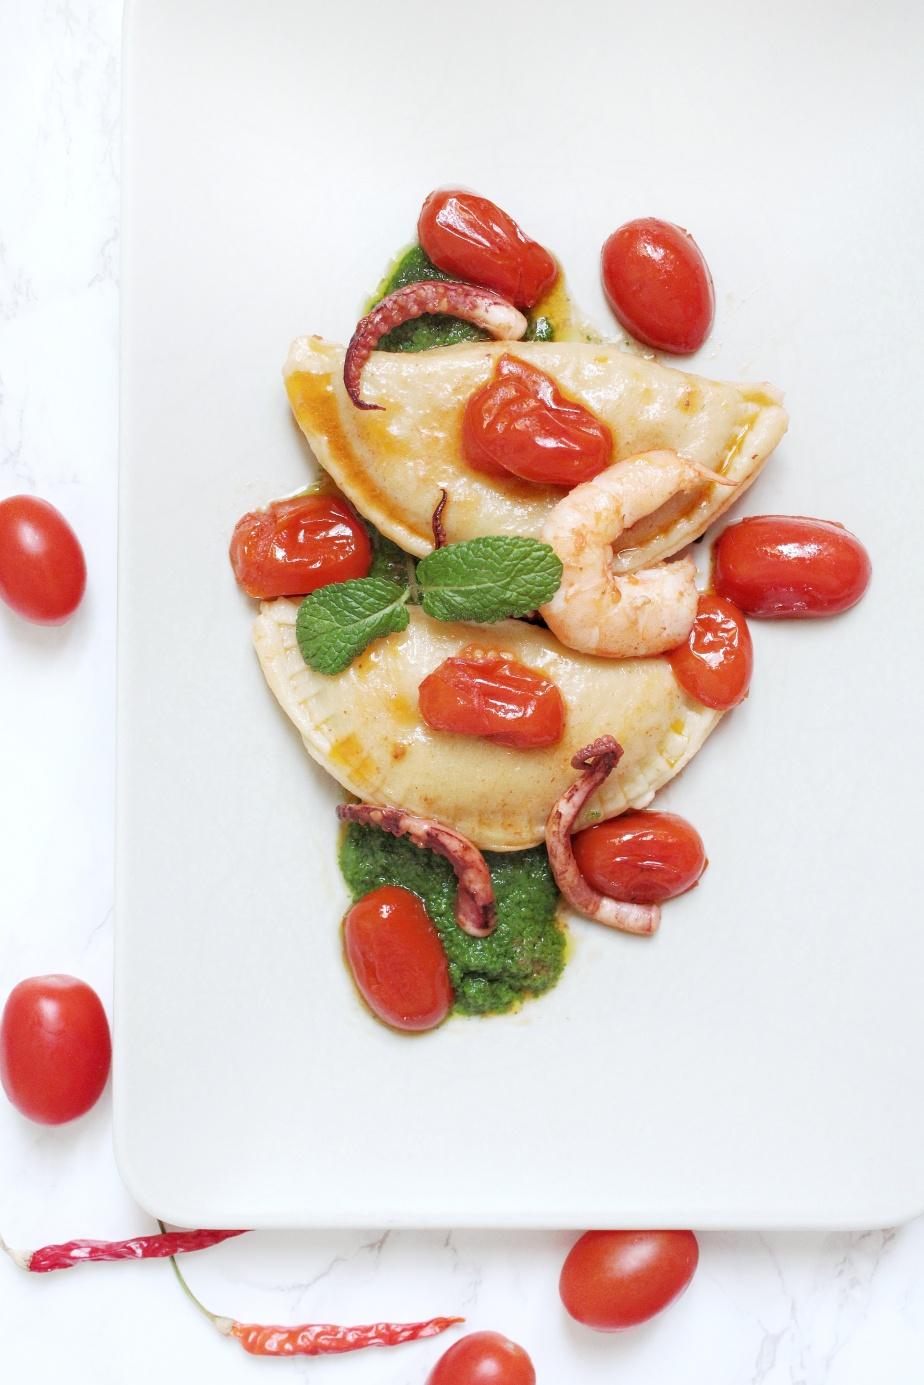 Tortelloni totani e zucchine con crema di Valeriana e menta, datterini egamberi